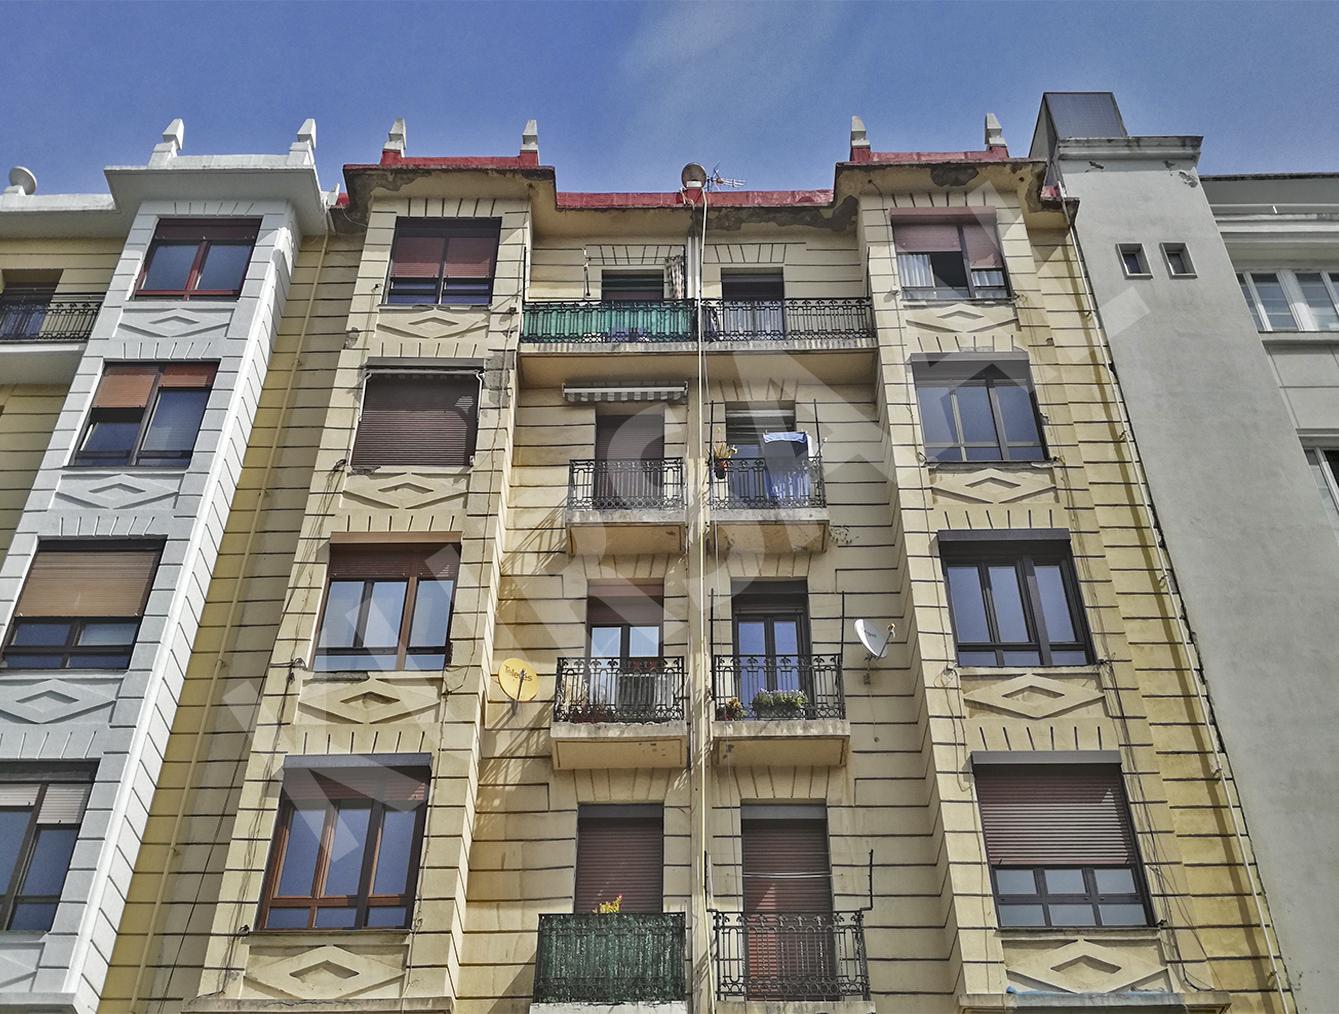 foto 3 - Aislamientos Térmicos y Eficiencia Energética-Euskadi Etorbidea, 51-PASAIA, GIPUZKOA